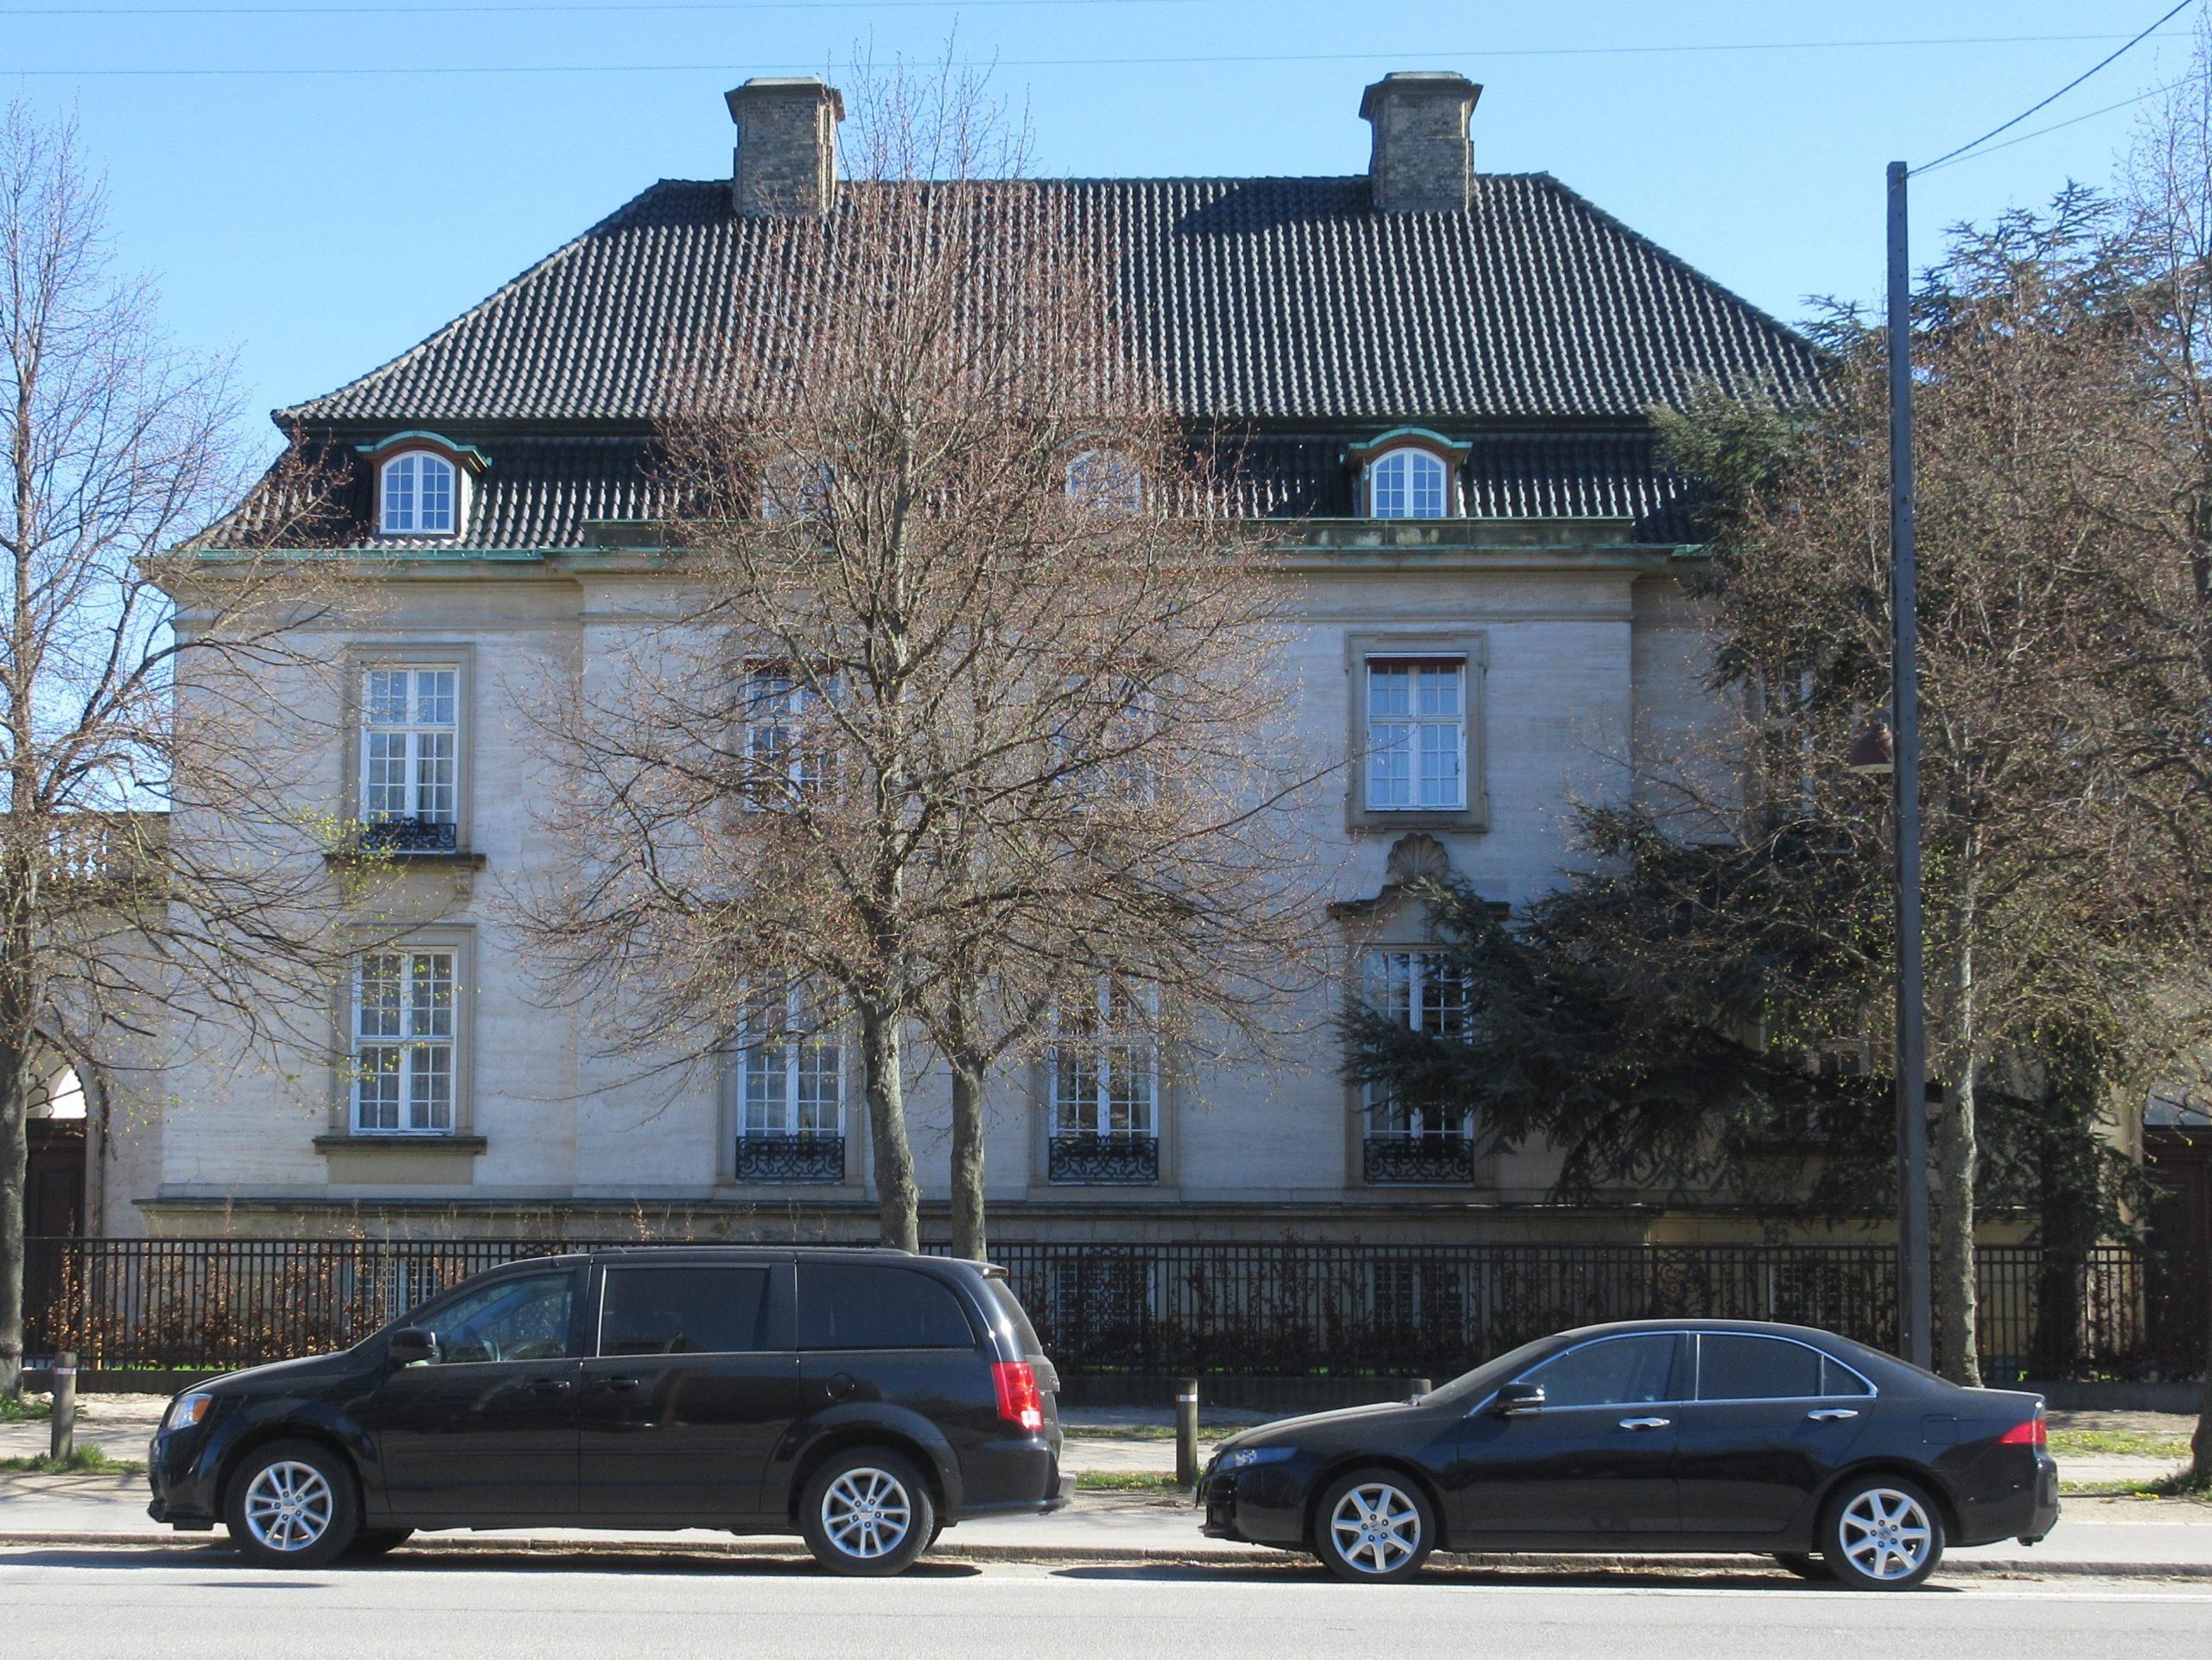 Palæet på Østerbro med den kommende Villa Canada. Hele bygningen skal lejes, der sælges ikke enkeltværelser. Prisen starter på 75.000 kroner i døgnet. Wikipediafoto: Ramblersen2.